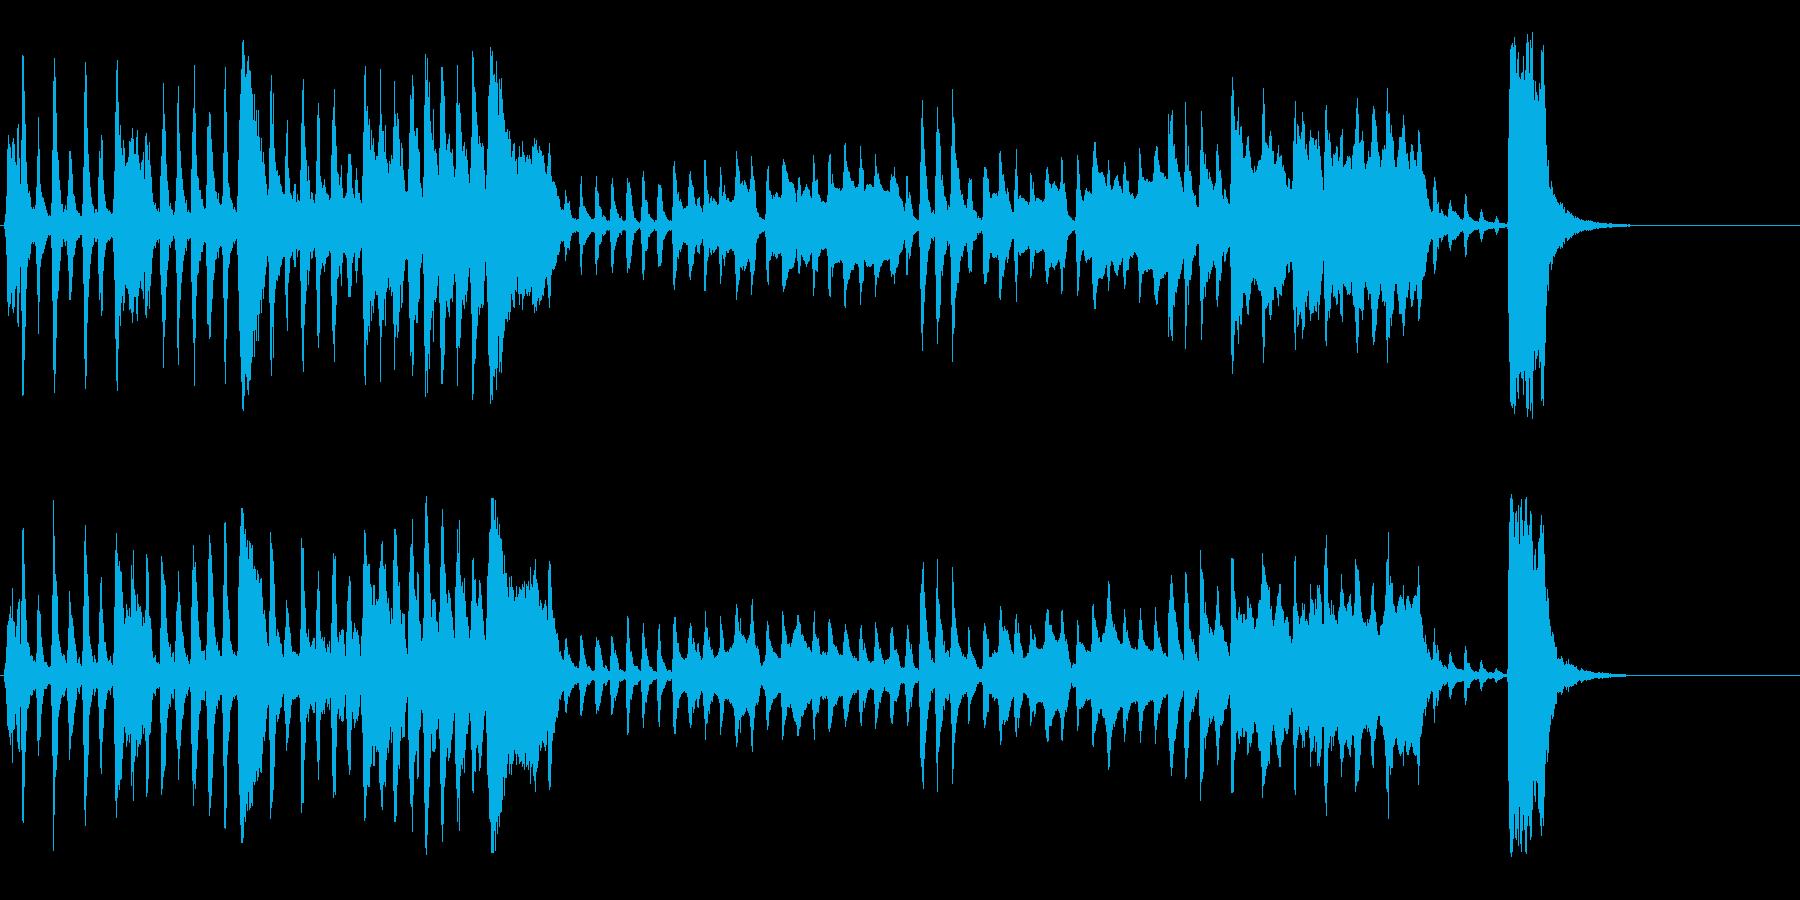 コミカルで少し怪しいオーケストラ曲の再生済みの波形